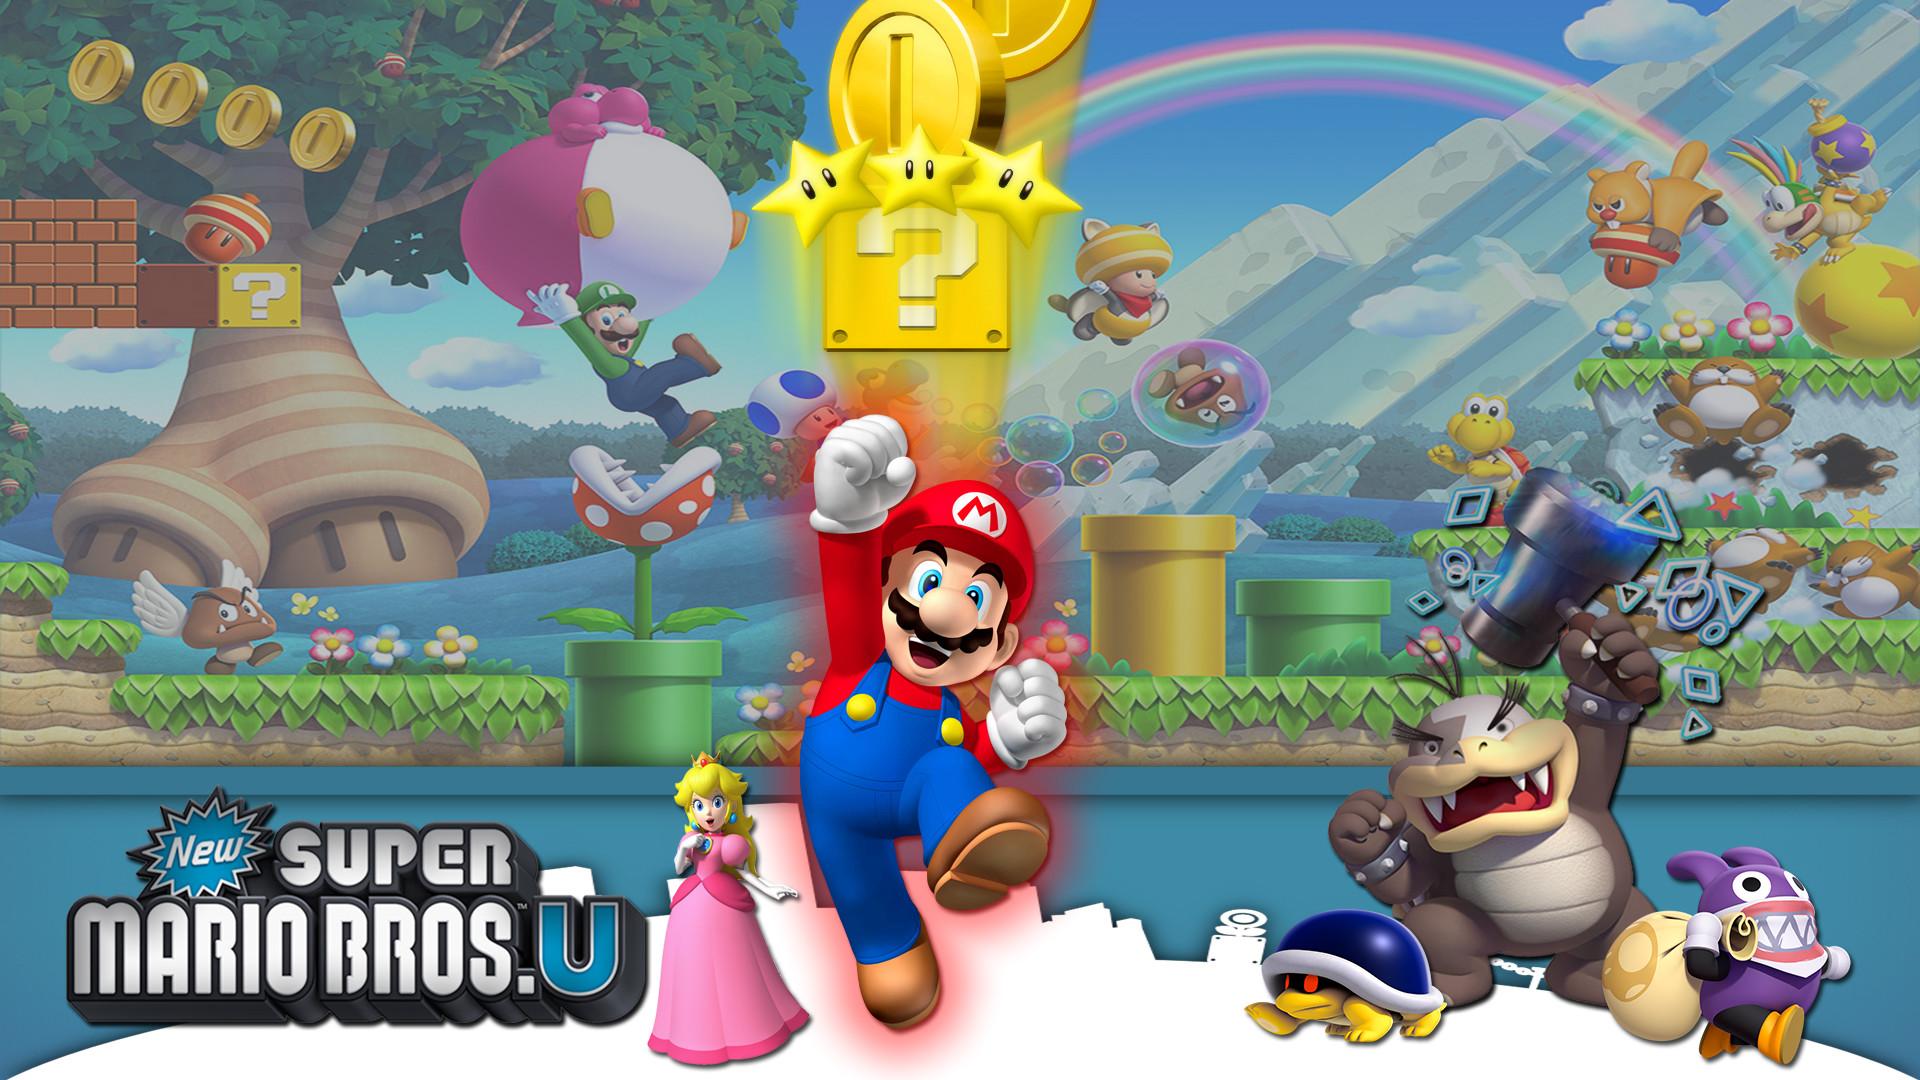 Super Mario Bros Live Wallpaper (61+ images)